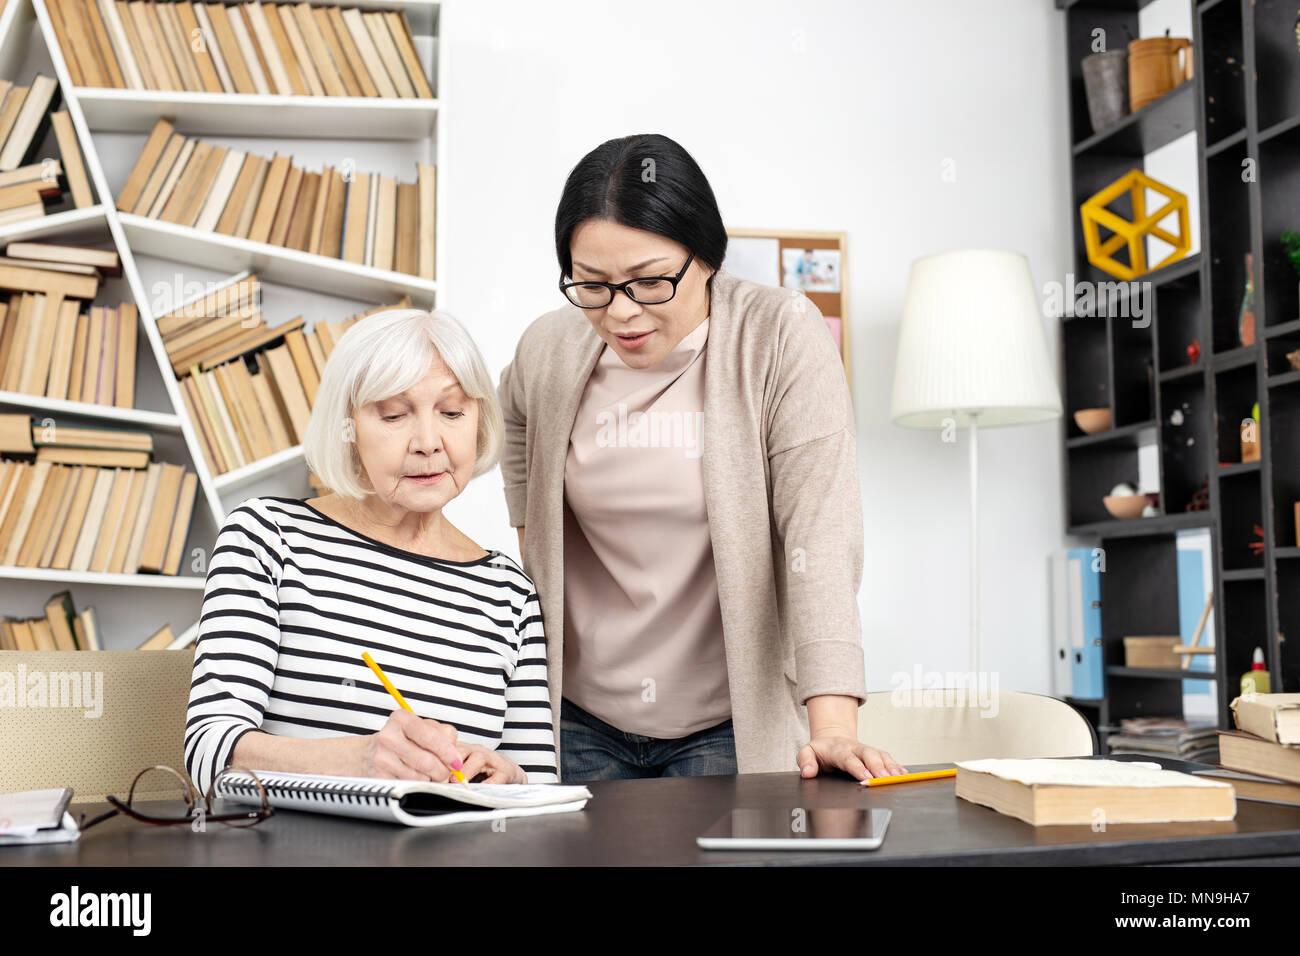 Tuteur attentif contrôle étude femme mature Photo Stock